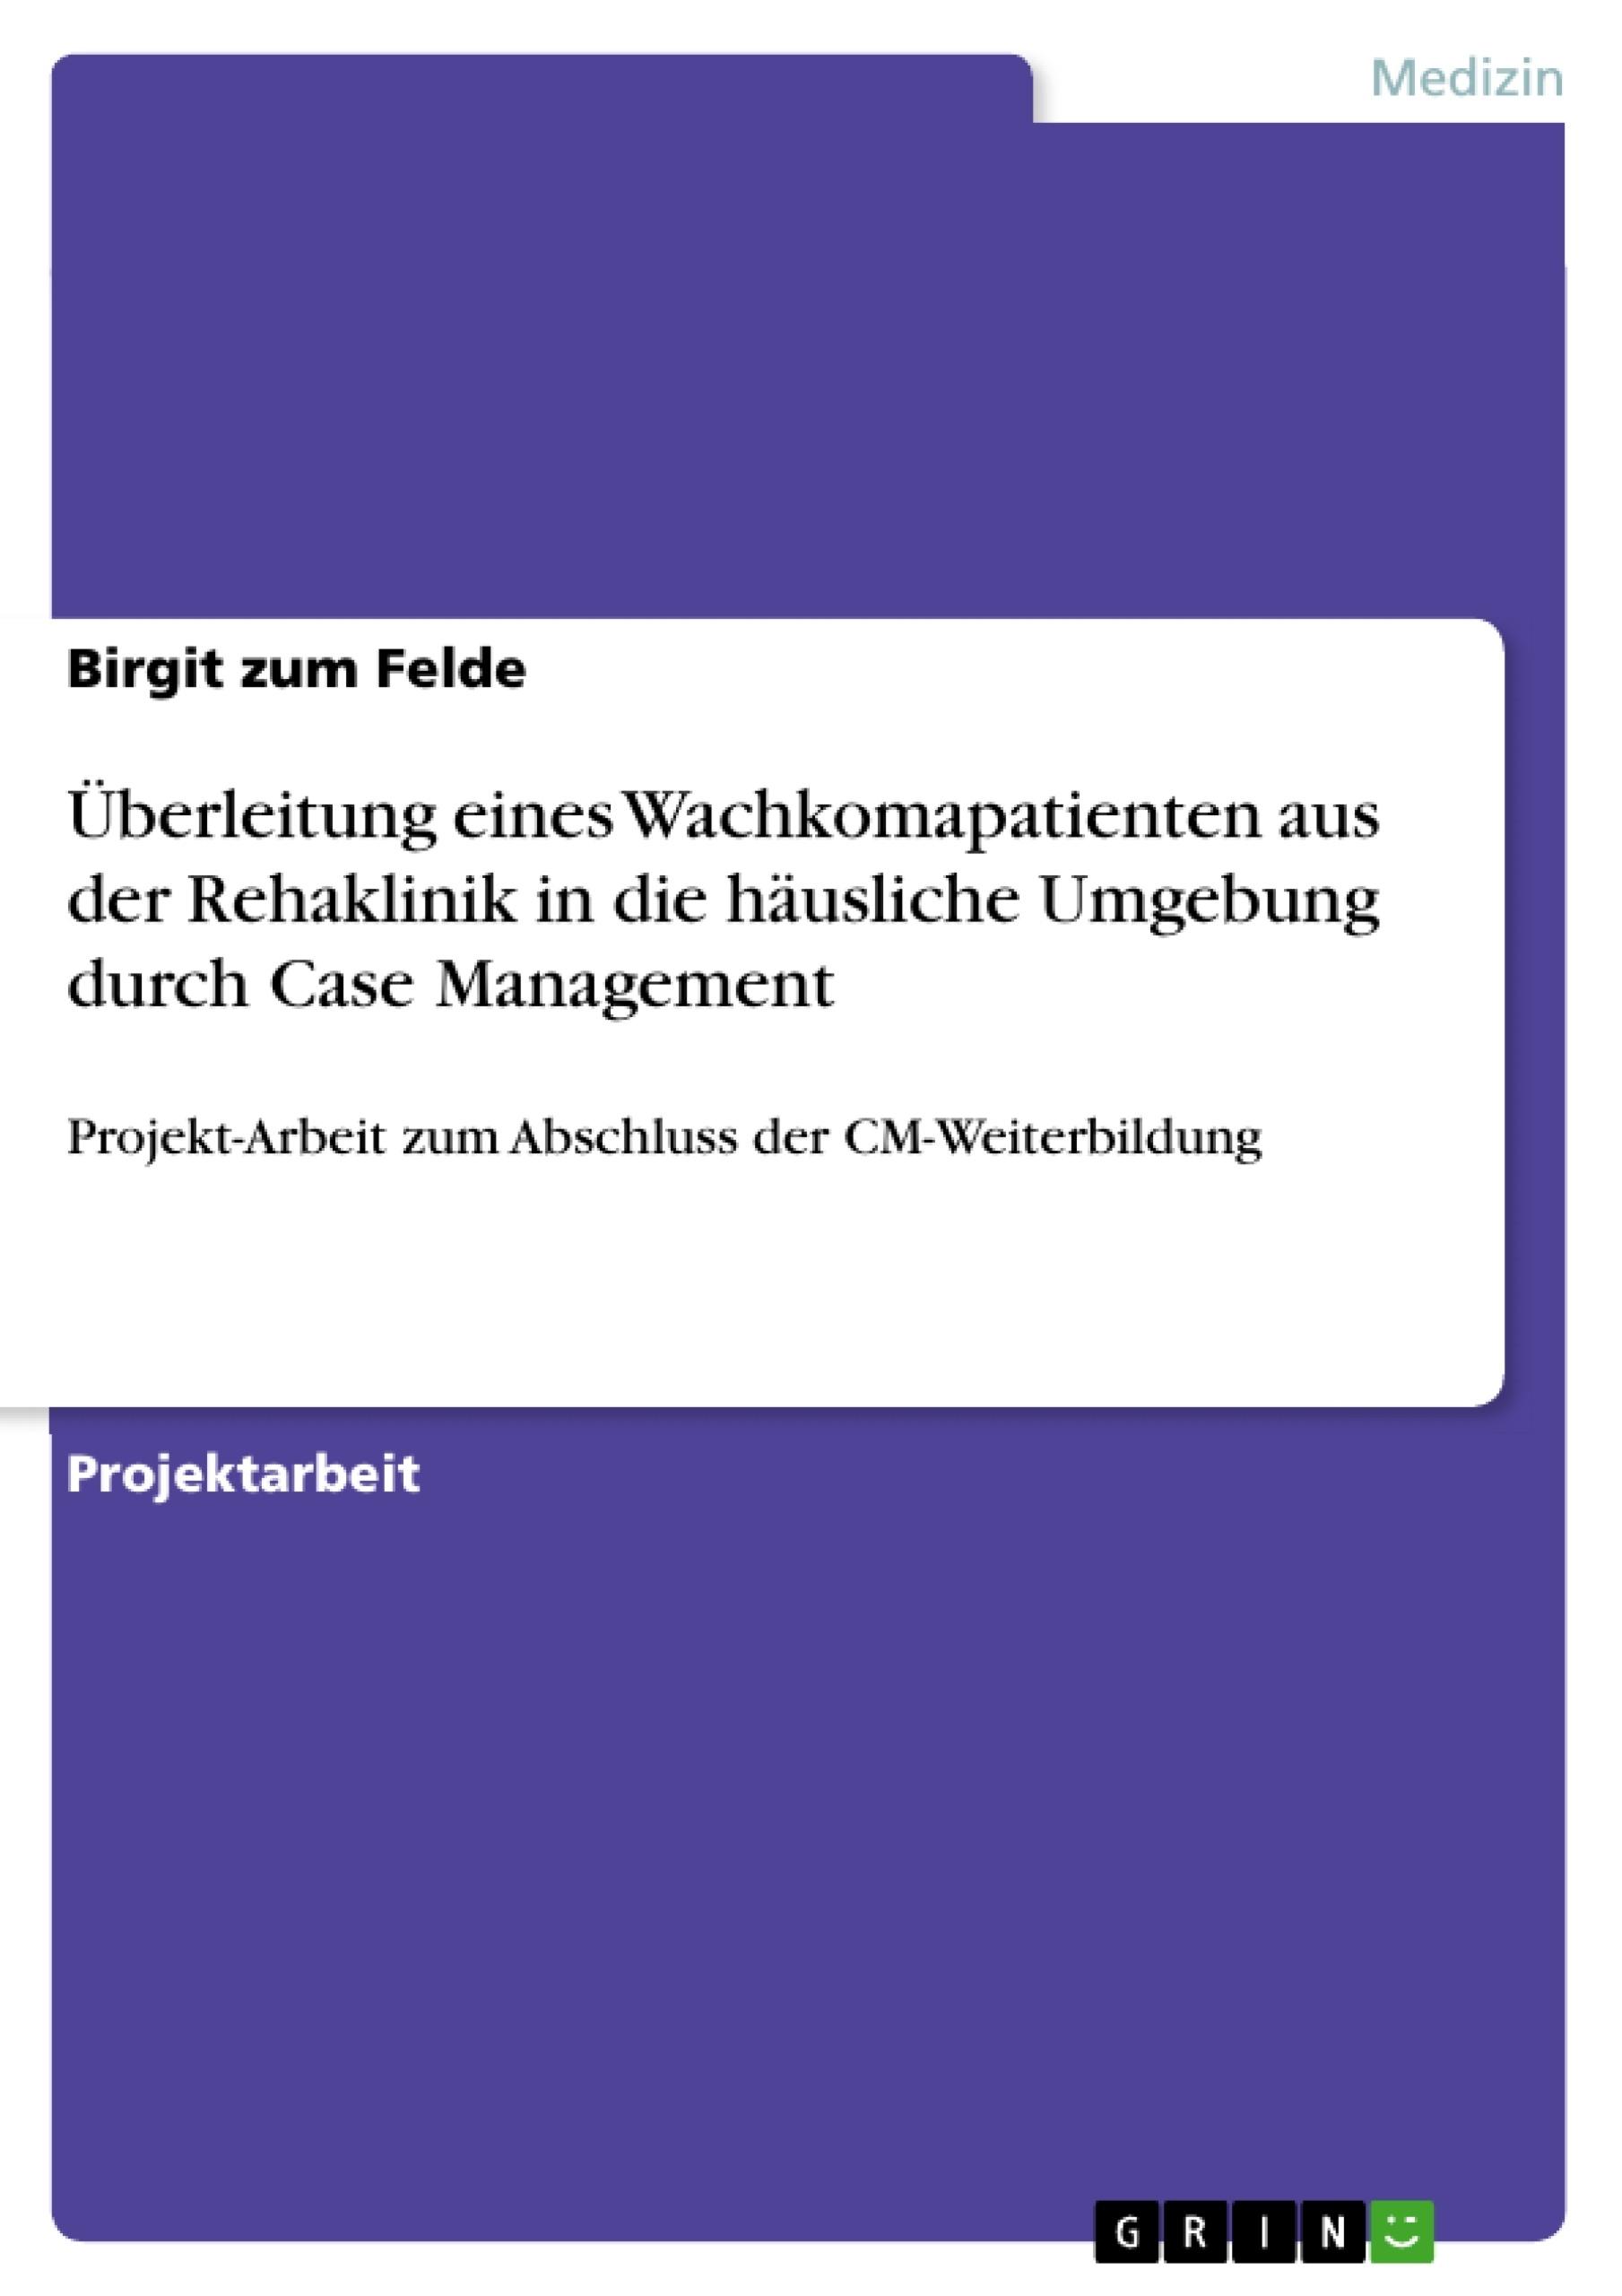 Titel: Überleitung eines Wachkomapatienten aus der Rehaklinik in die häusliche Umgebung durch Case Management